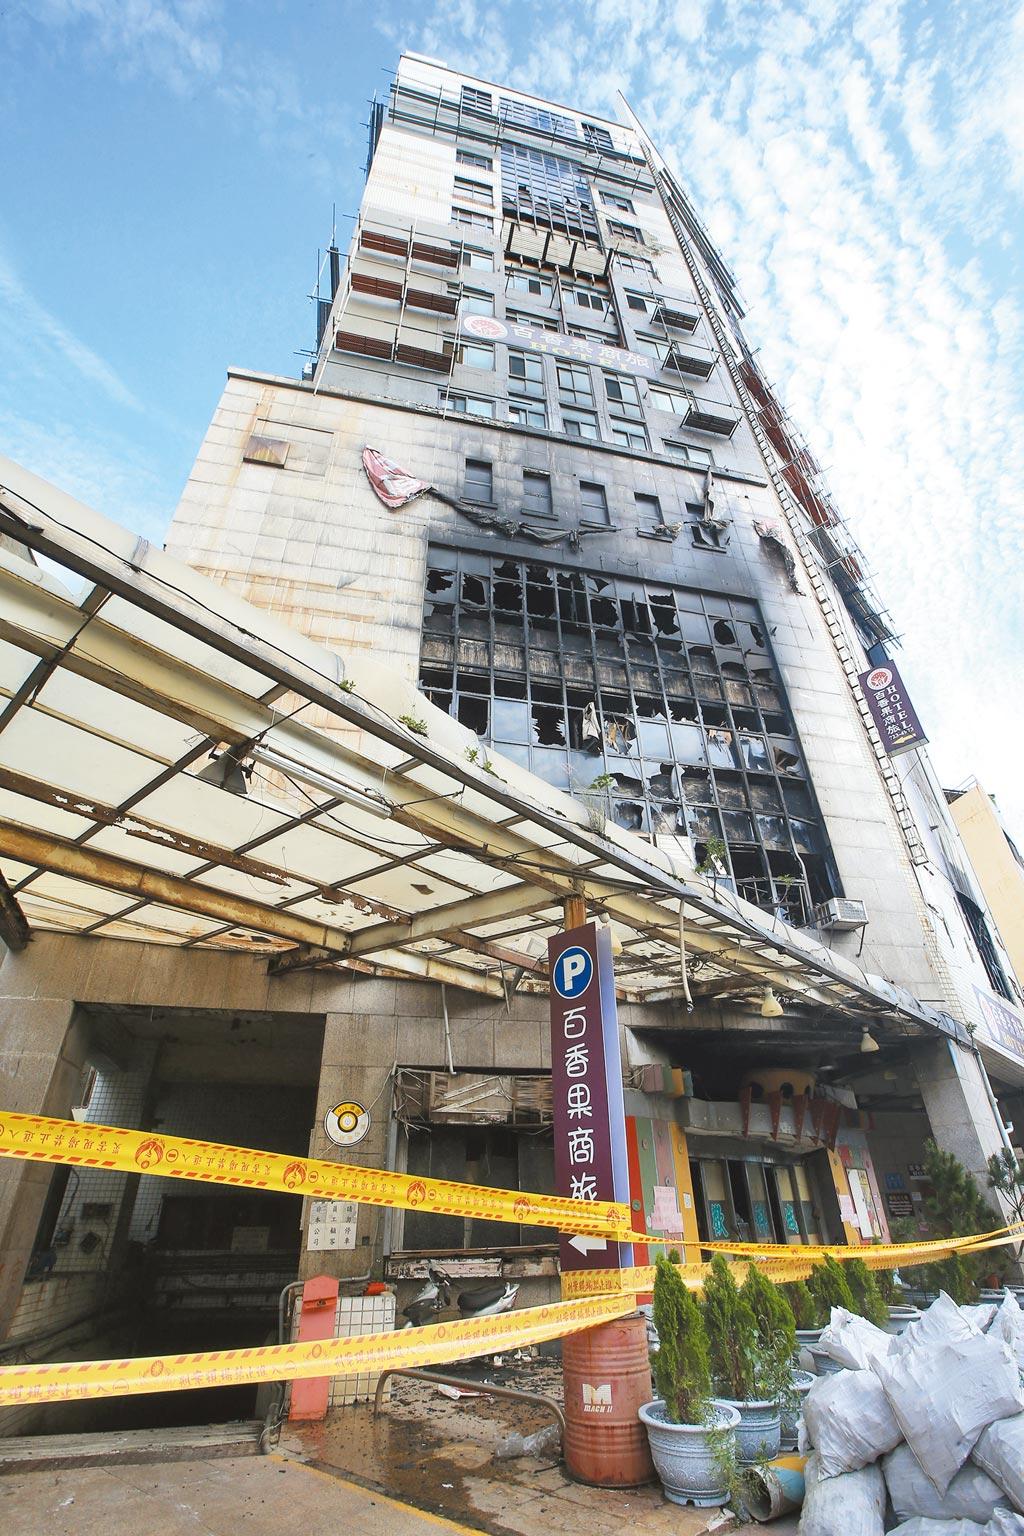 彰化市火車站前喬友大樓6月30日晚間失火延燒10小時,住在7至9樓防疫旅館的29位居家及自主檢疫民眾受困,造成3人喪生及1名消防員殉職。(黃國峰攝)